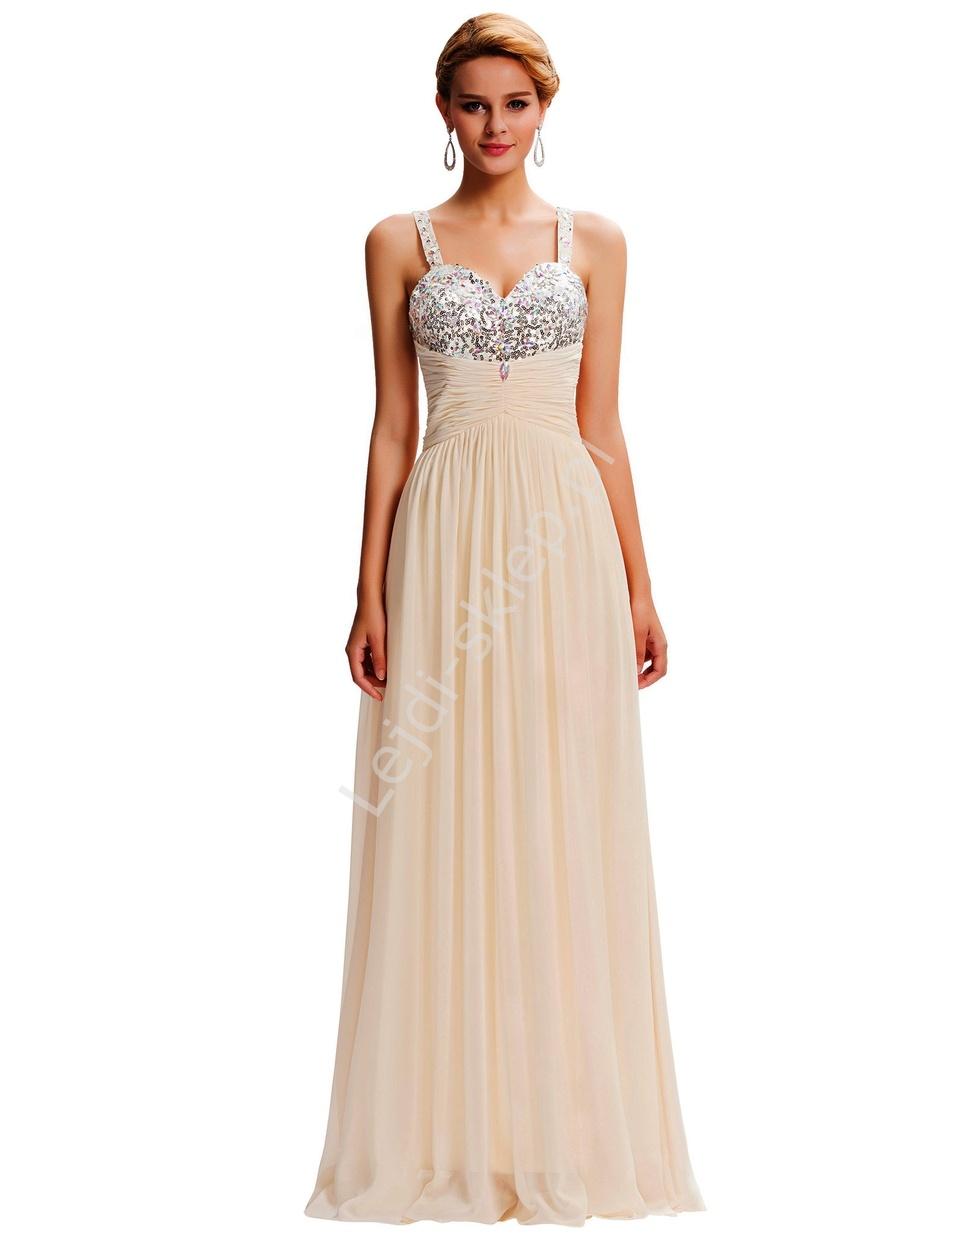 Suknia wieczorowa z cekinami i kryształkami na biuście, bardzo jasny beż - Lejdi